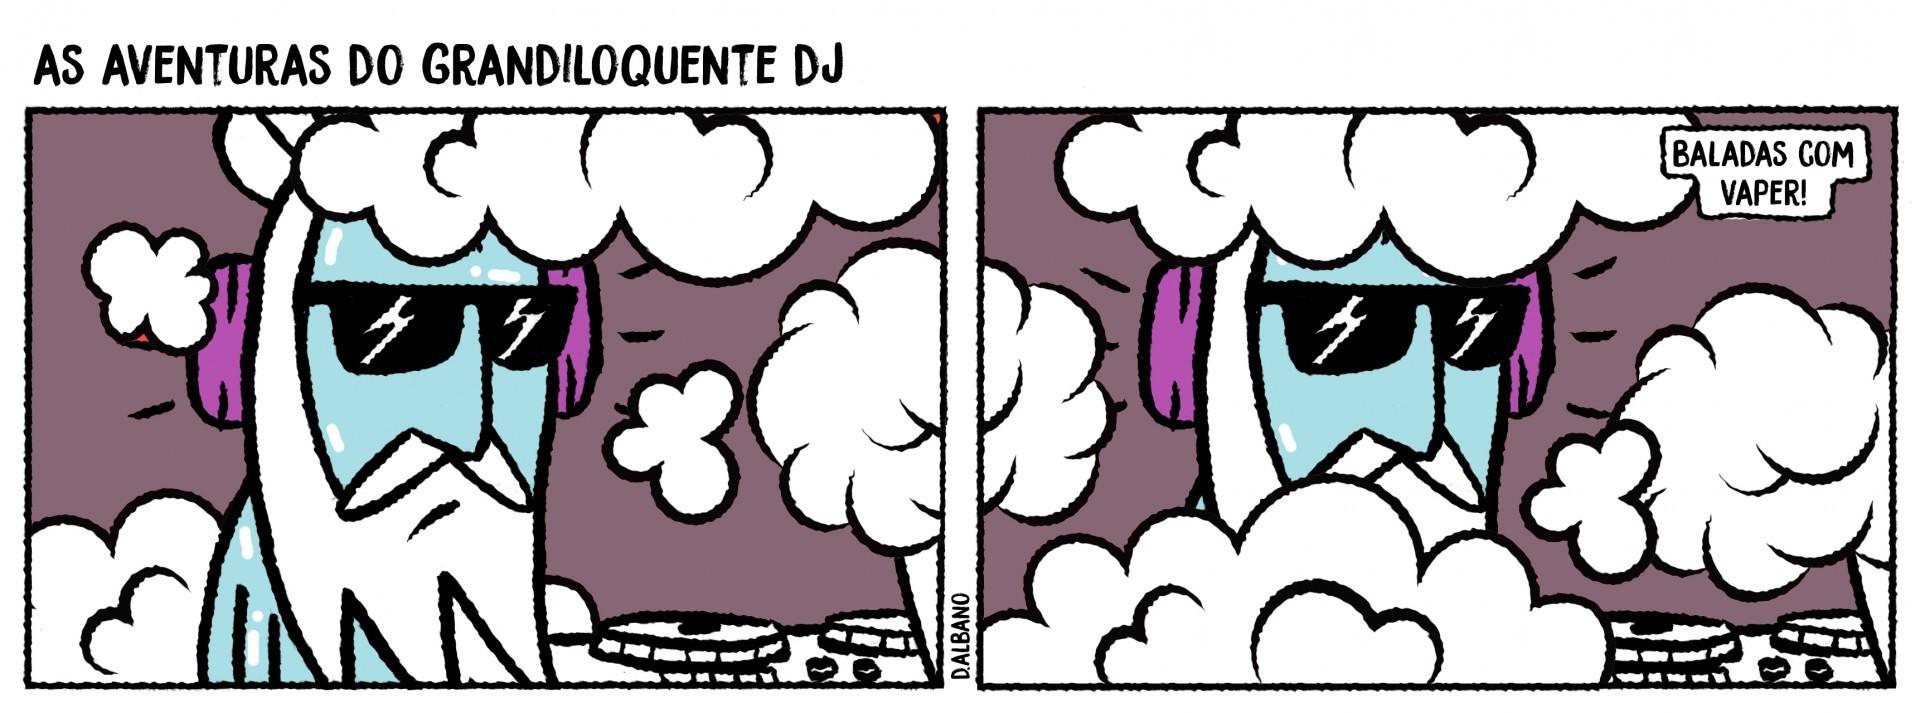 Tira As aventuras do grandiloquente DJ, de Denilson Albano, para o Vida&Arte